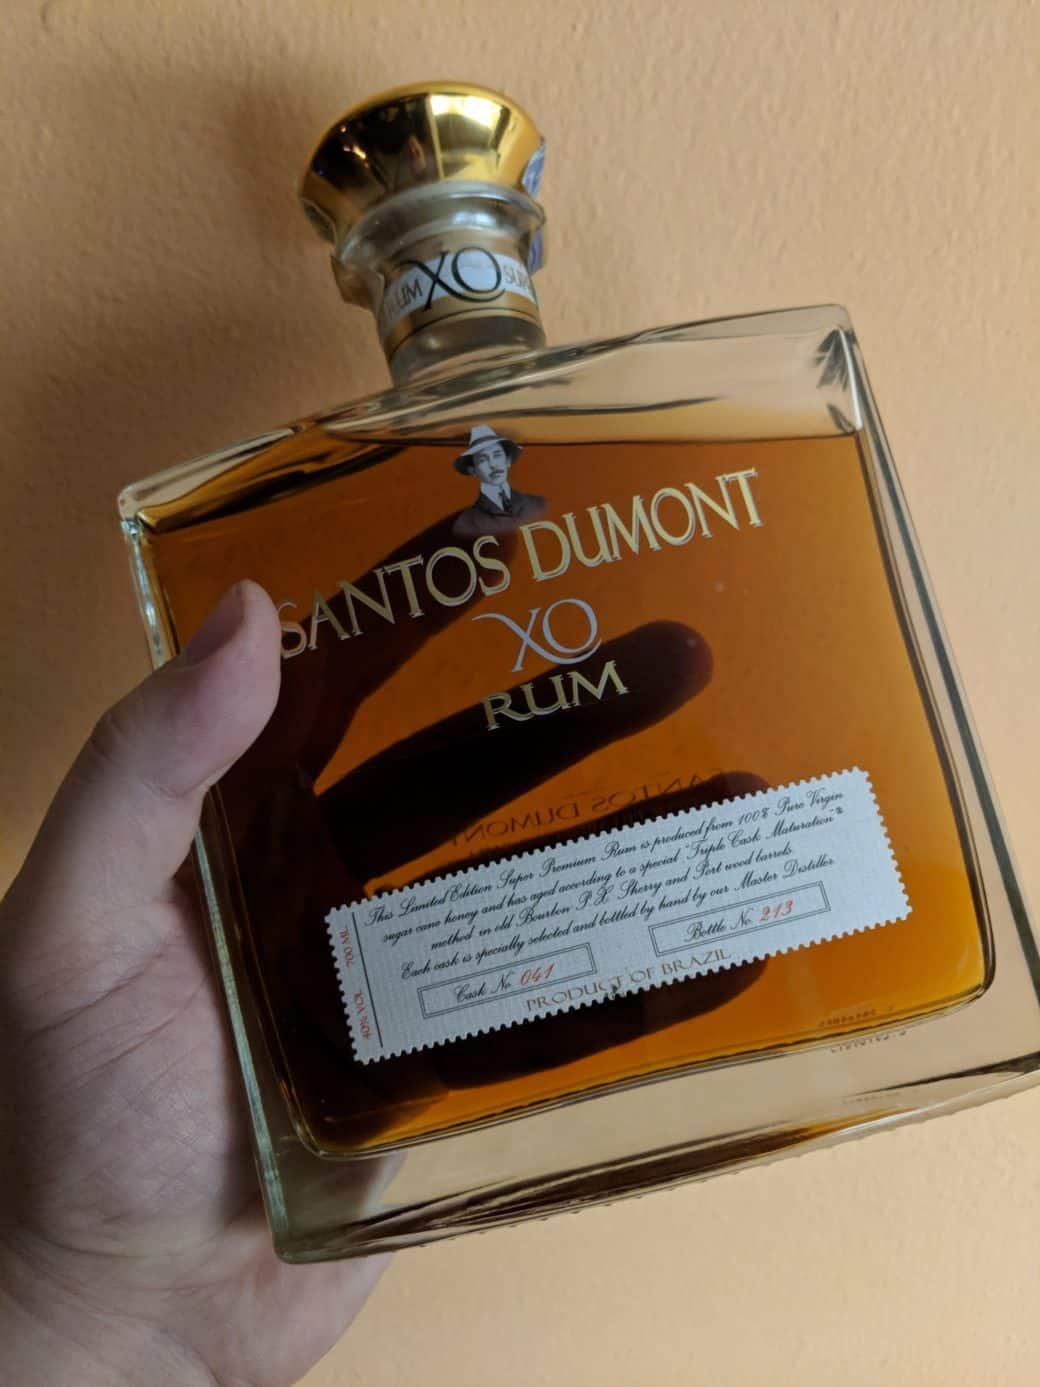 Sladký Santos Dumont XO 0,7 l z Brazílie - láhev